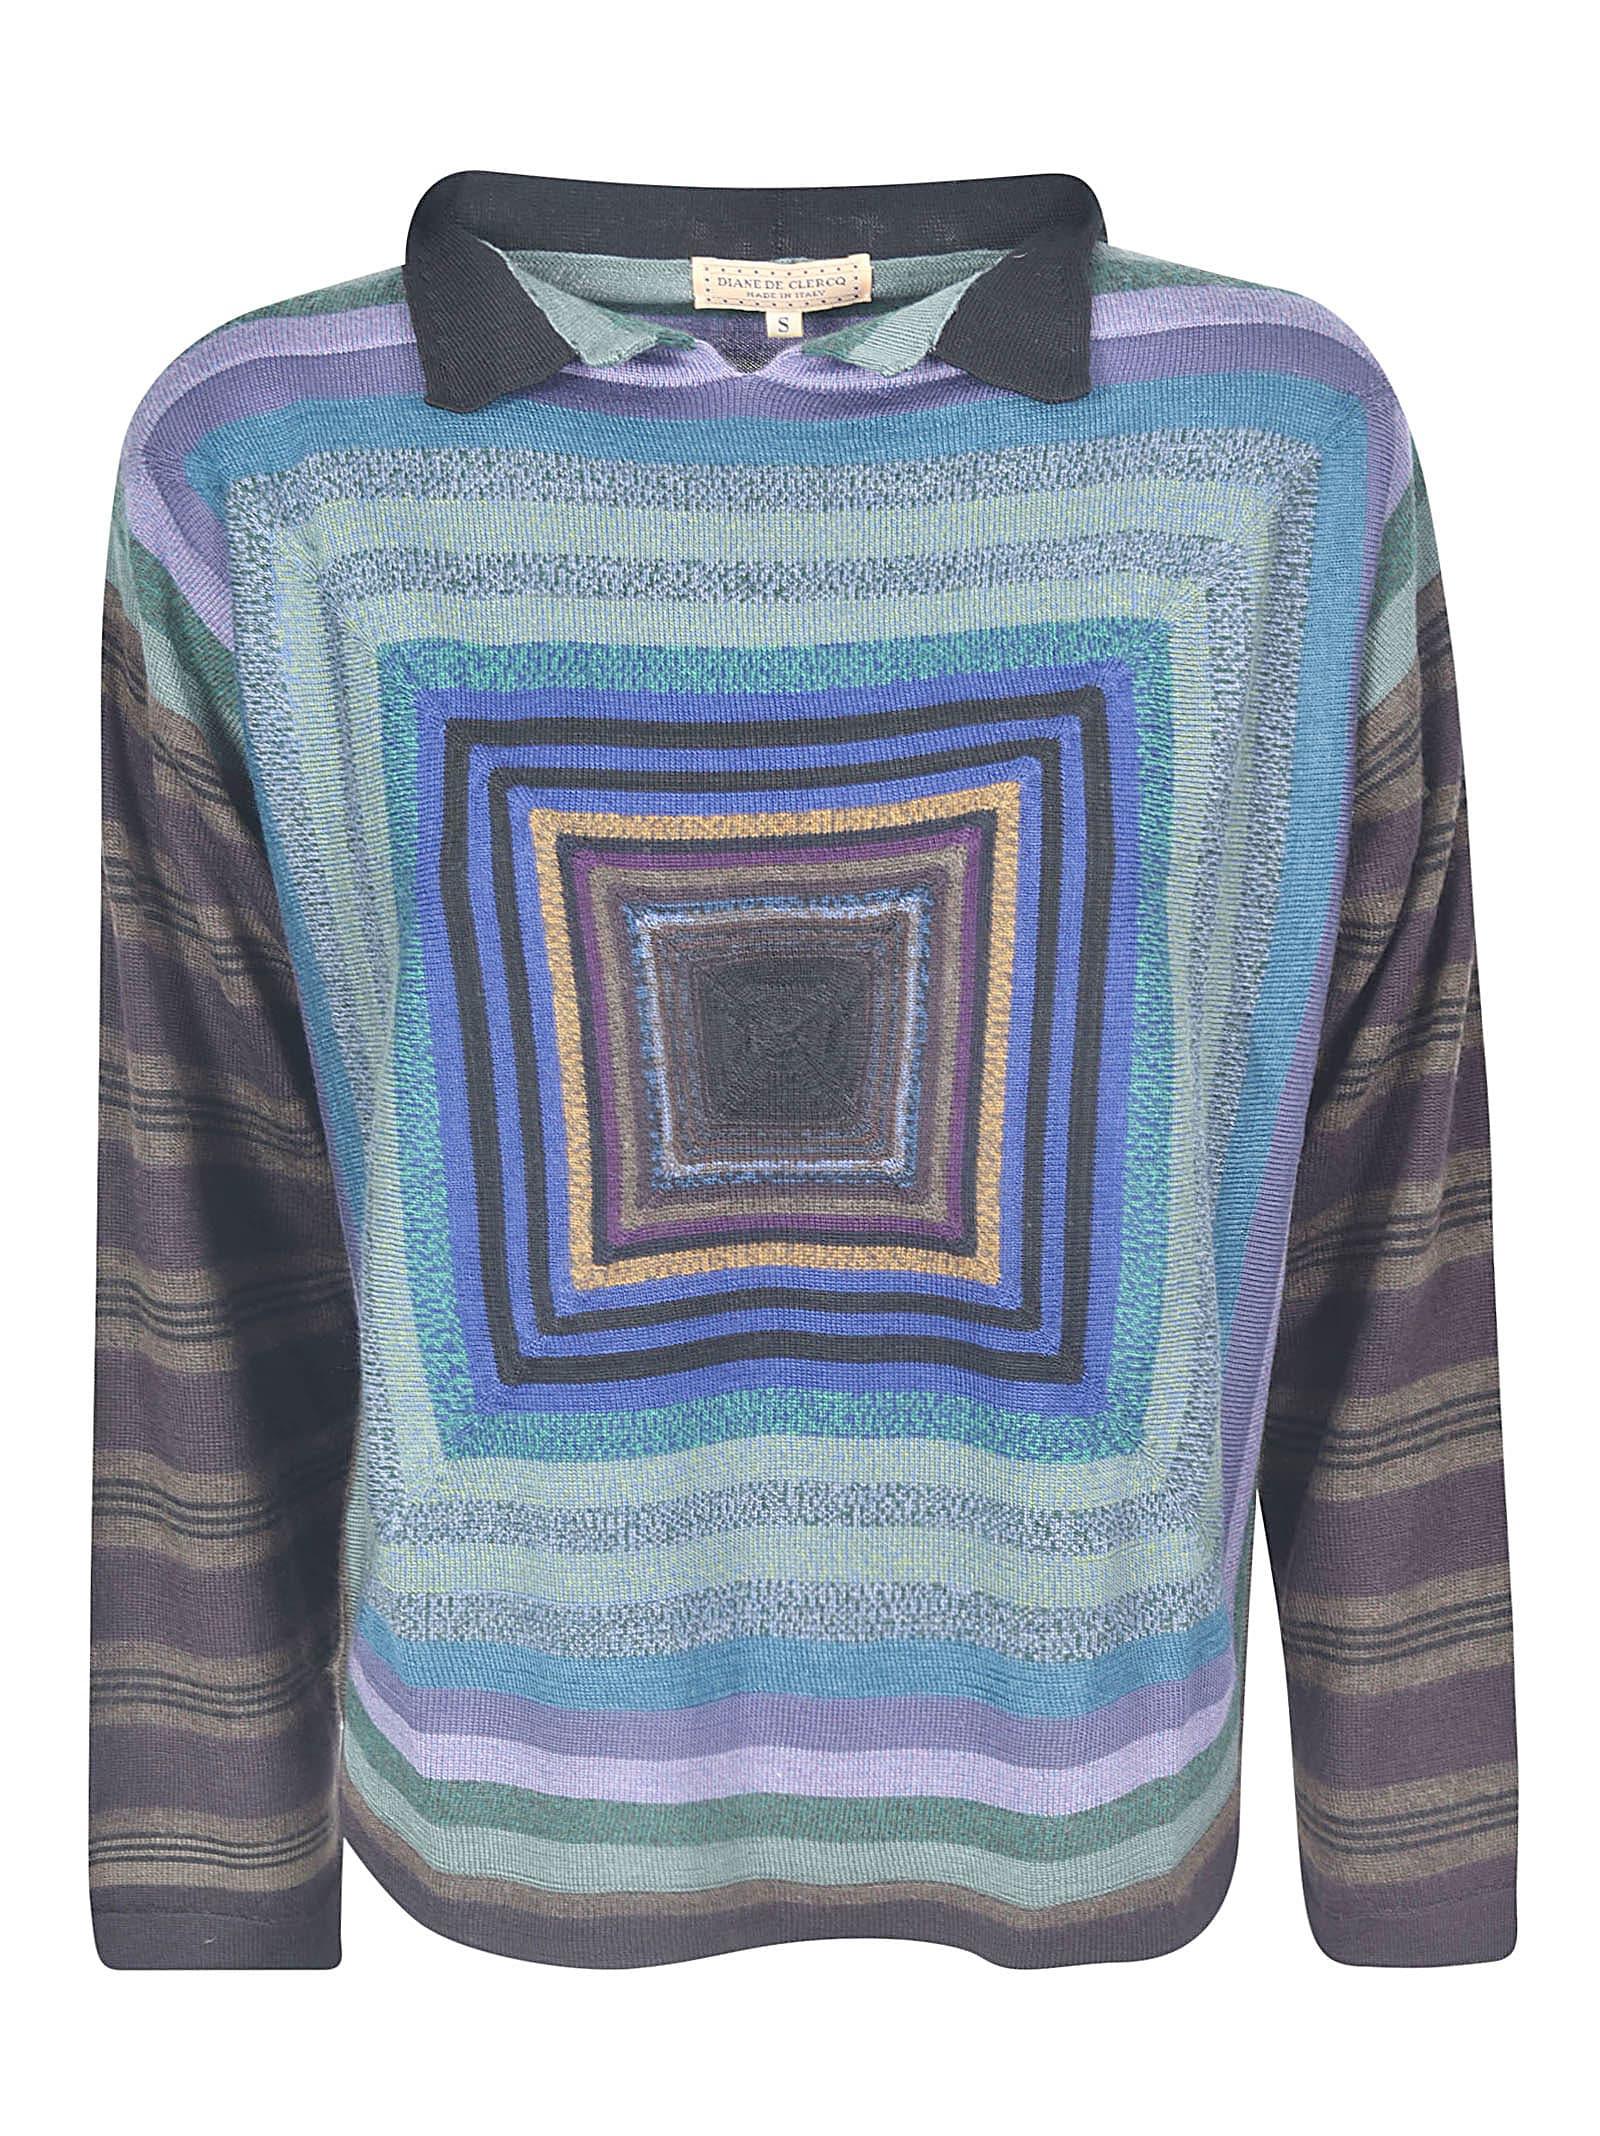 Stripe Patterned Sweater